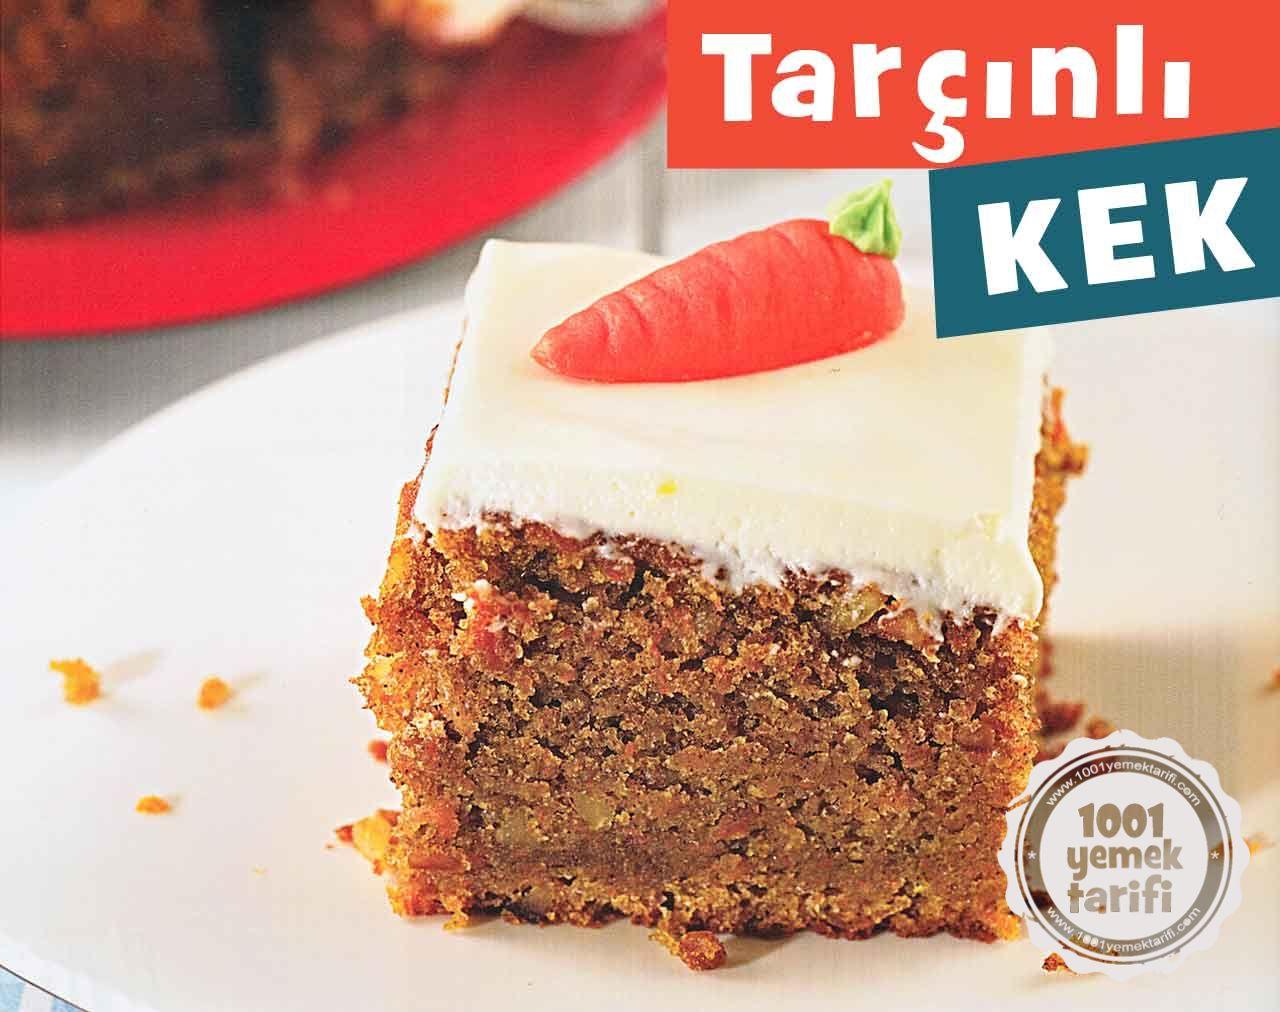 tarcinli-Havuclu-Kek-Tarifi-peynir-dolgulu-kolay-ev-yapimi-kek-nasil-yapilir-kek-yapimi-puf-noktasi-yapilisi-nefis-1001yemektarifi